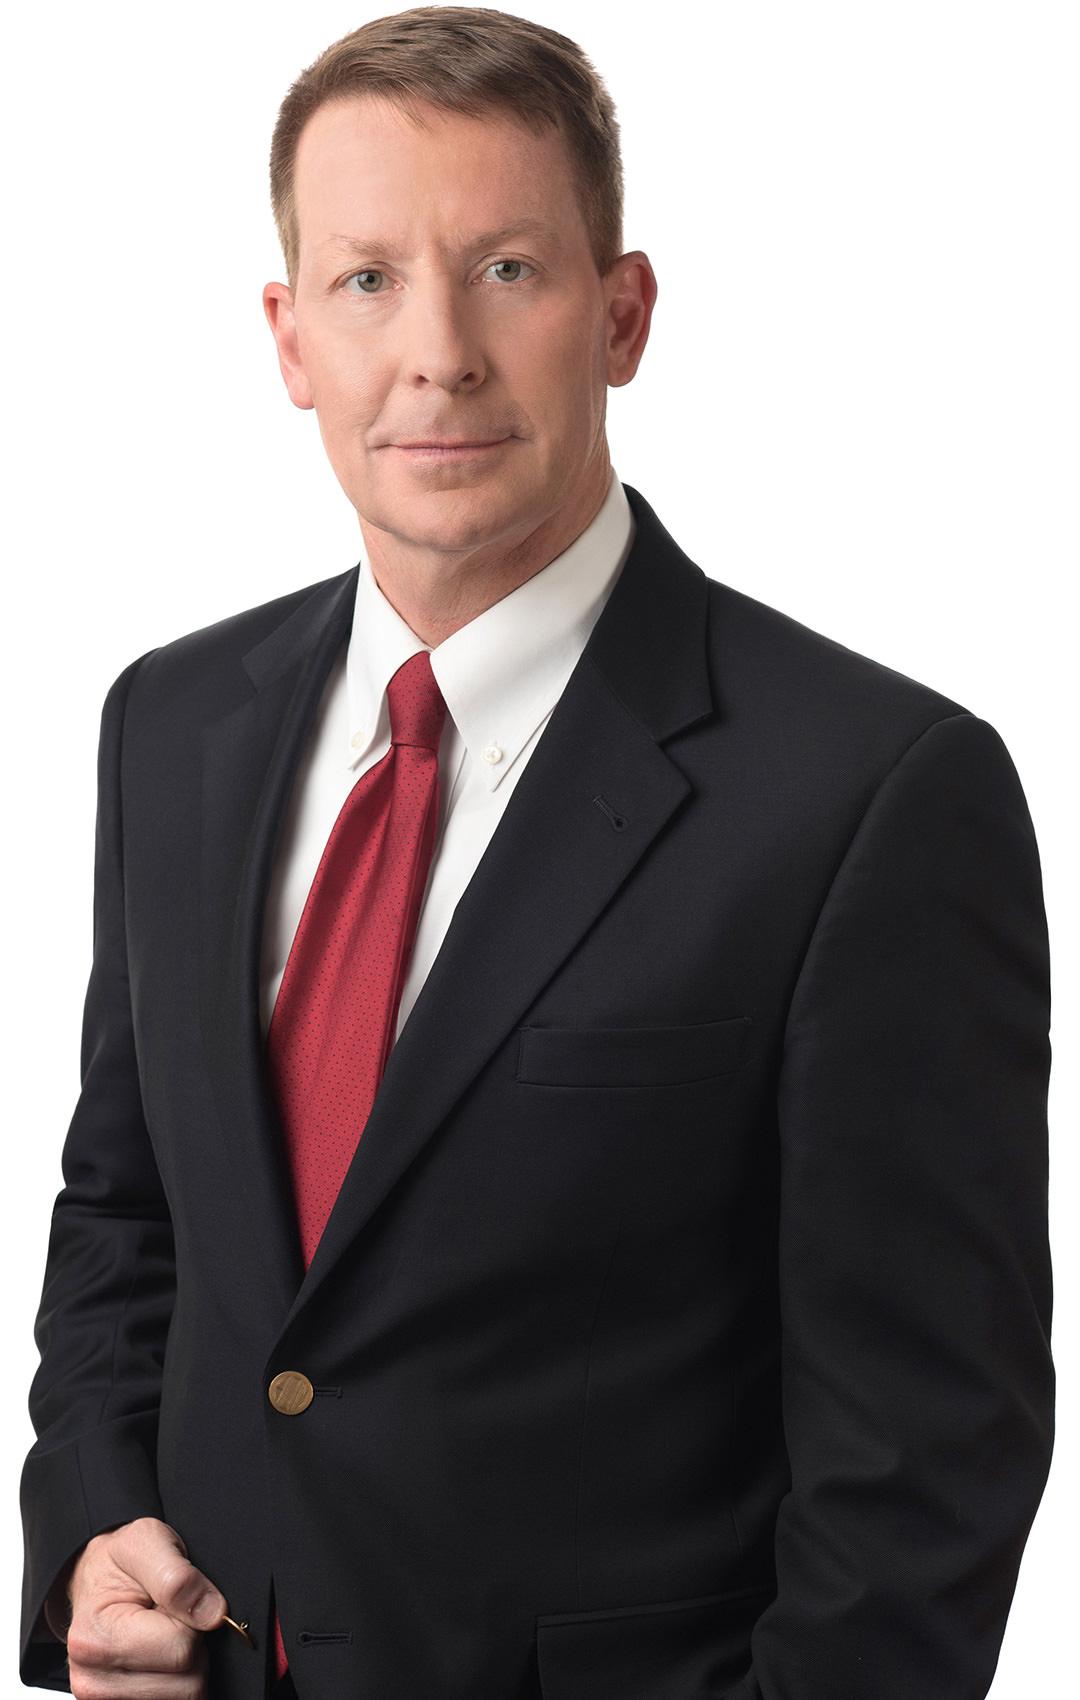 A. Marvin Quattlebaum, Jr.